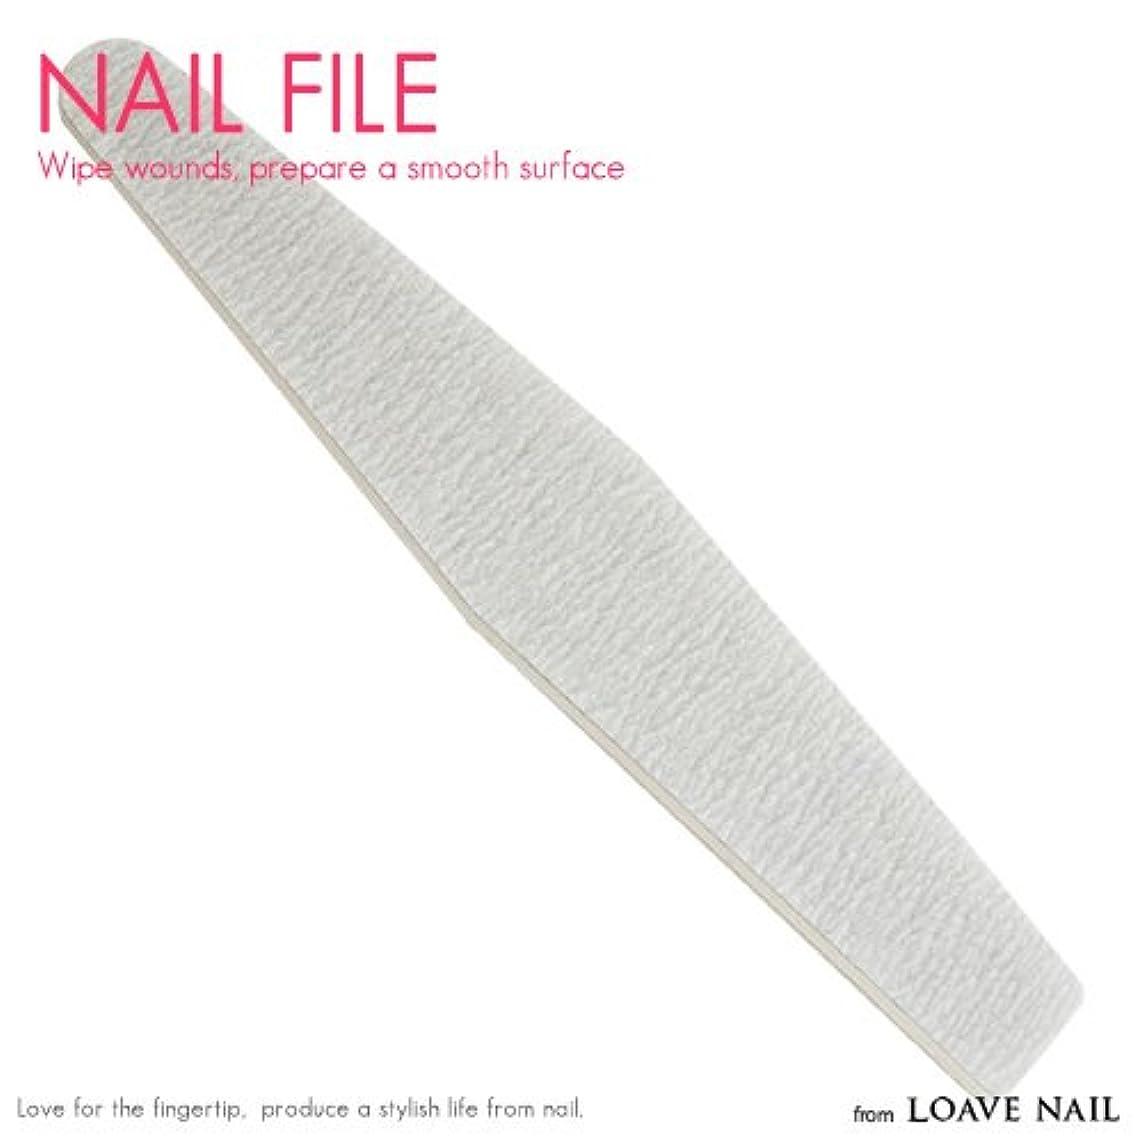 事前に止まる他の場所ネイルファイル 180/240 ジェルネイル ネイル用品